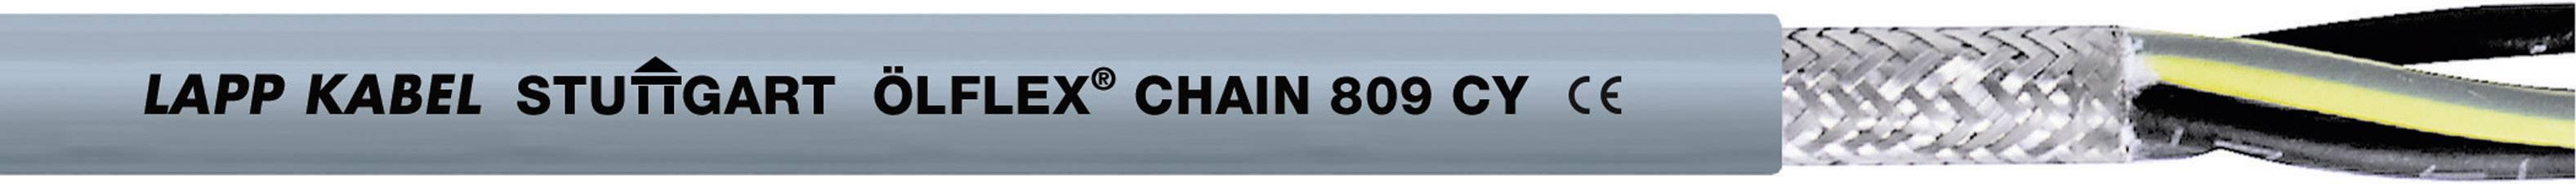 Žíla kabelu LappKabel ÖLFLEX CHAIN 809 CY 4G0,75 (1026761), 4x 0,75 mm², PVC, Ø 7,1 mm, stíněný, 100 m, šedá